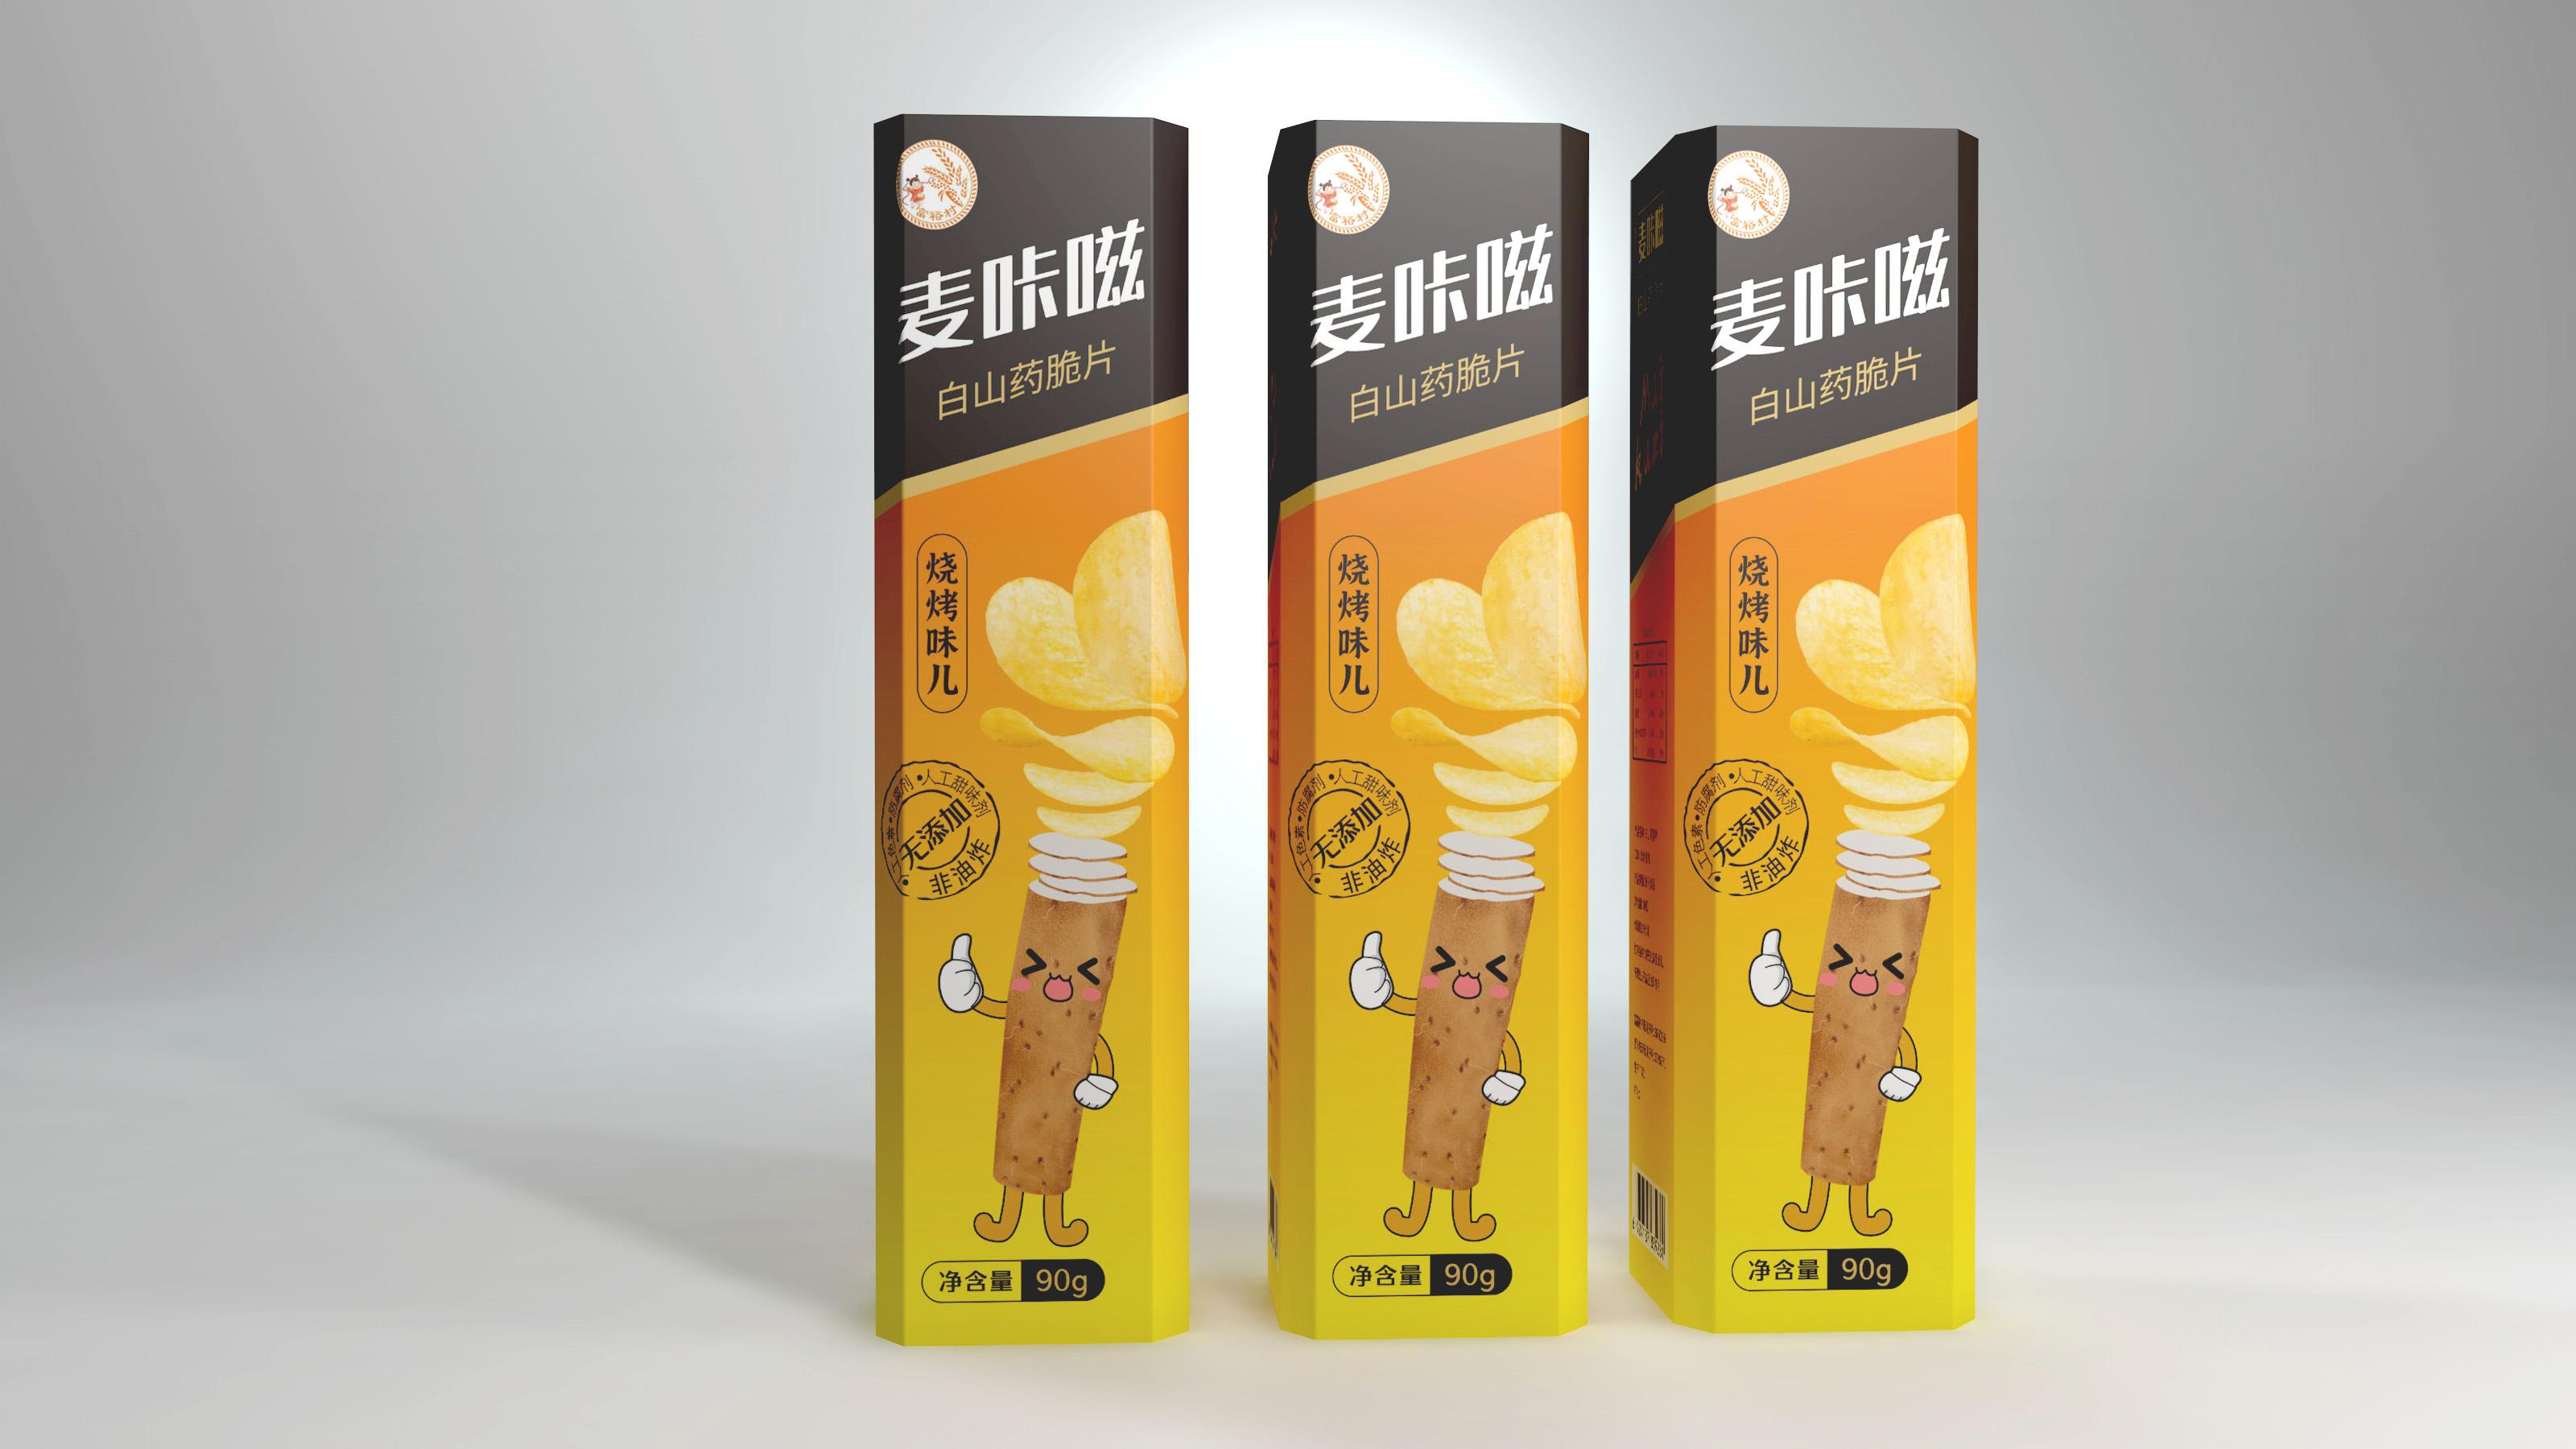 麦咔嗞薯片品牌包装亚博客服电话多少